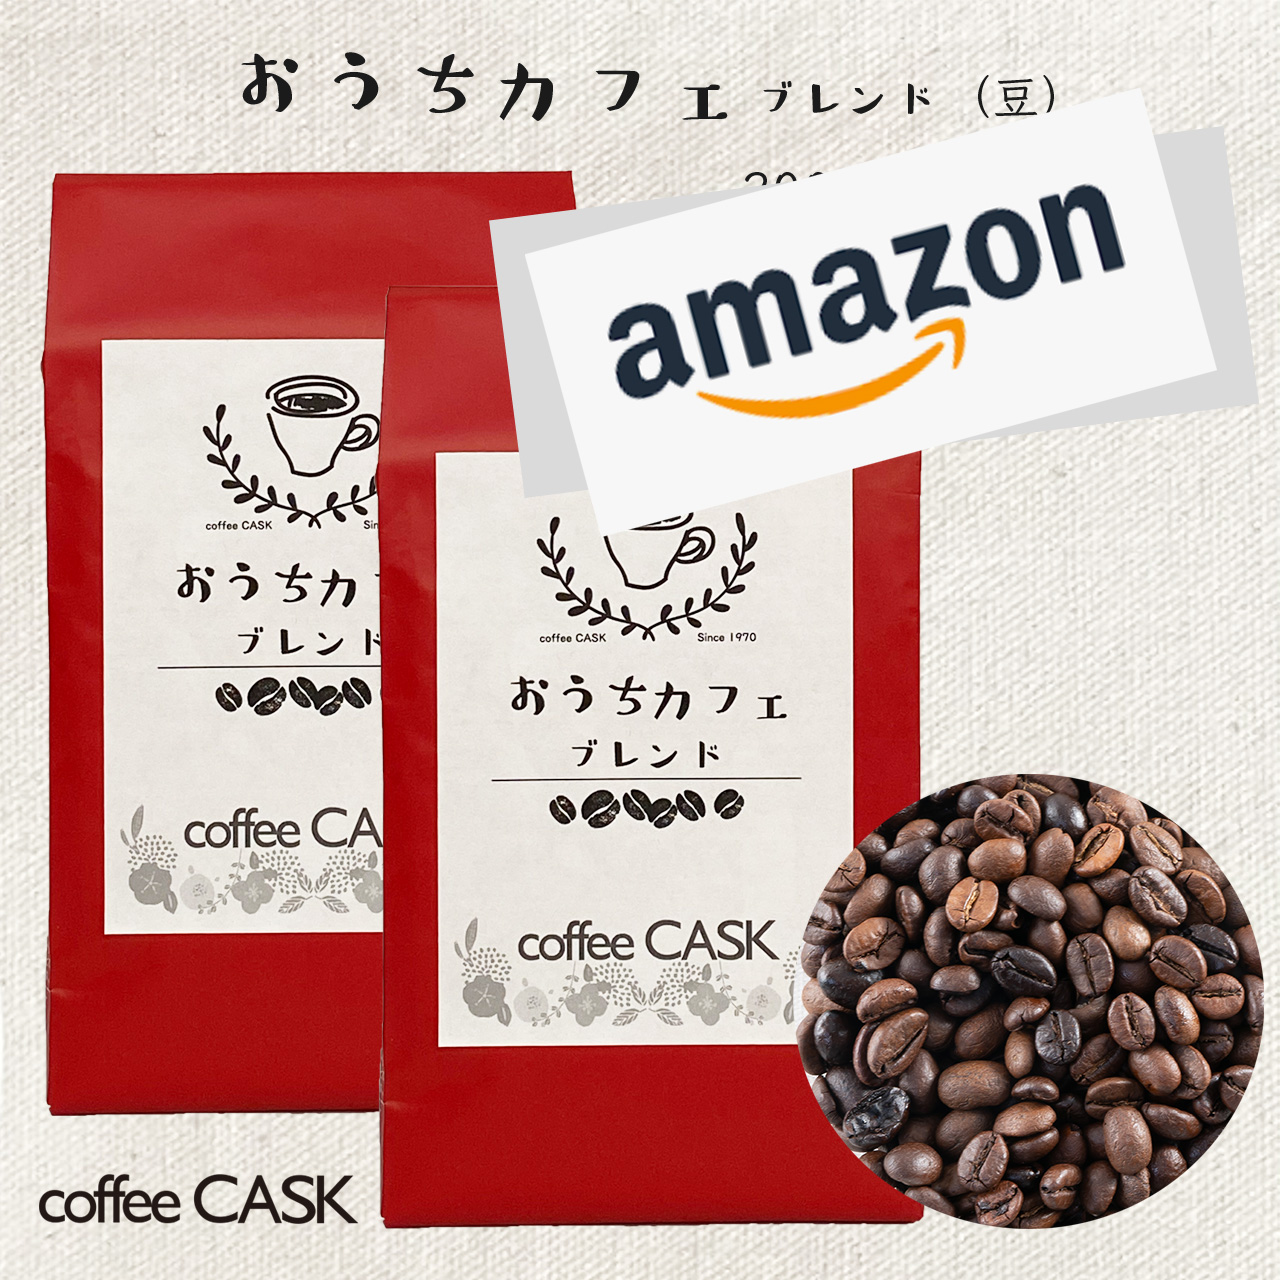 コーヒーキャスクアマゾン販売